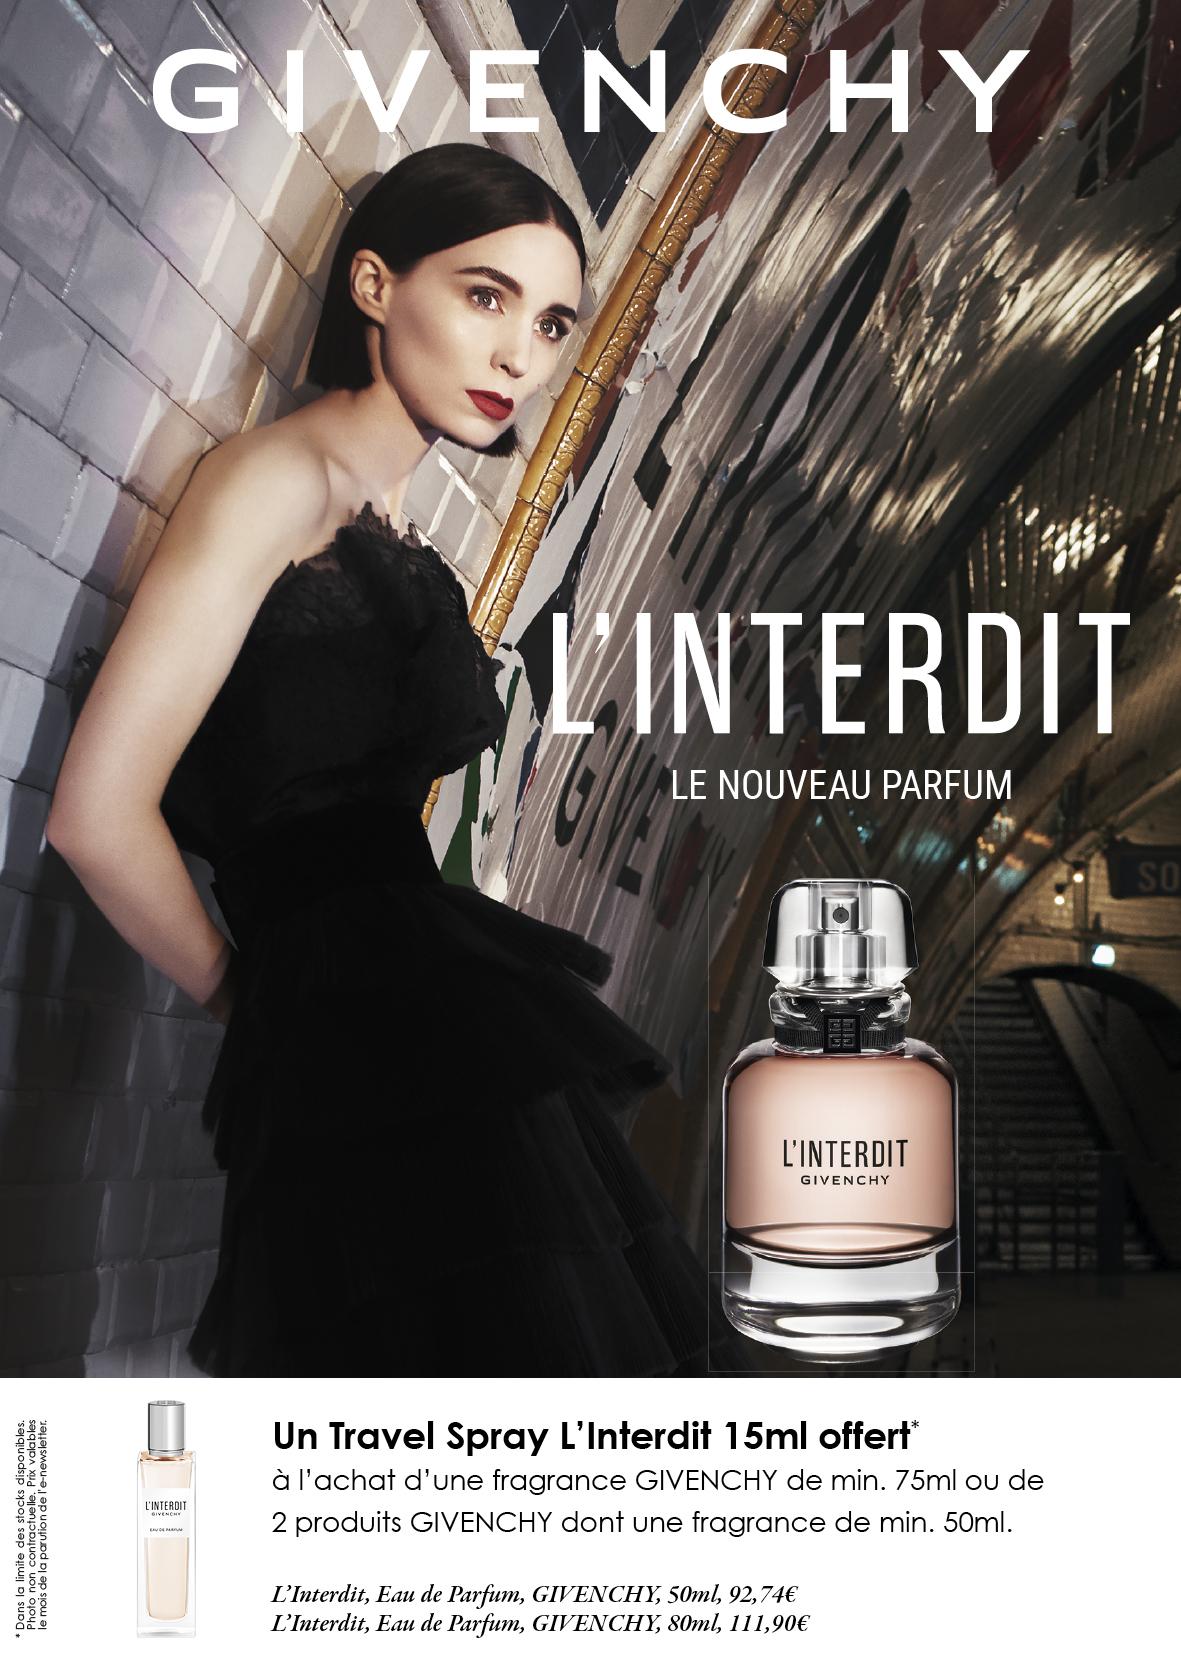 De Paris ParfumGivenchy L'interditEau 8 nwN0PXOk8Z